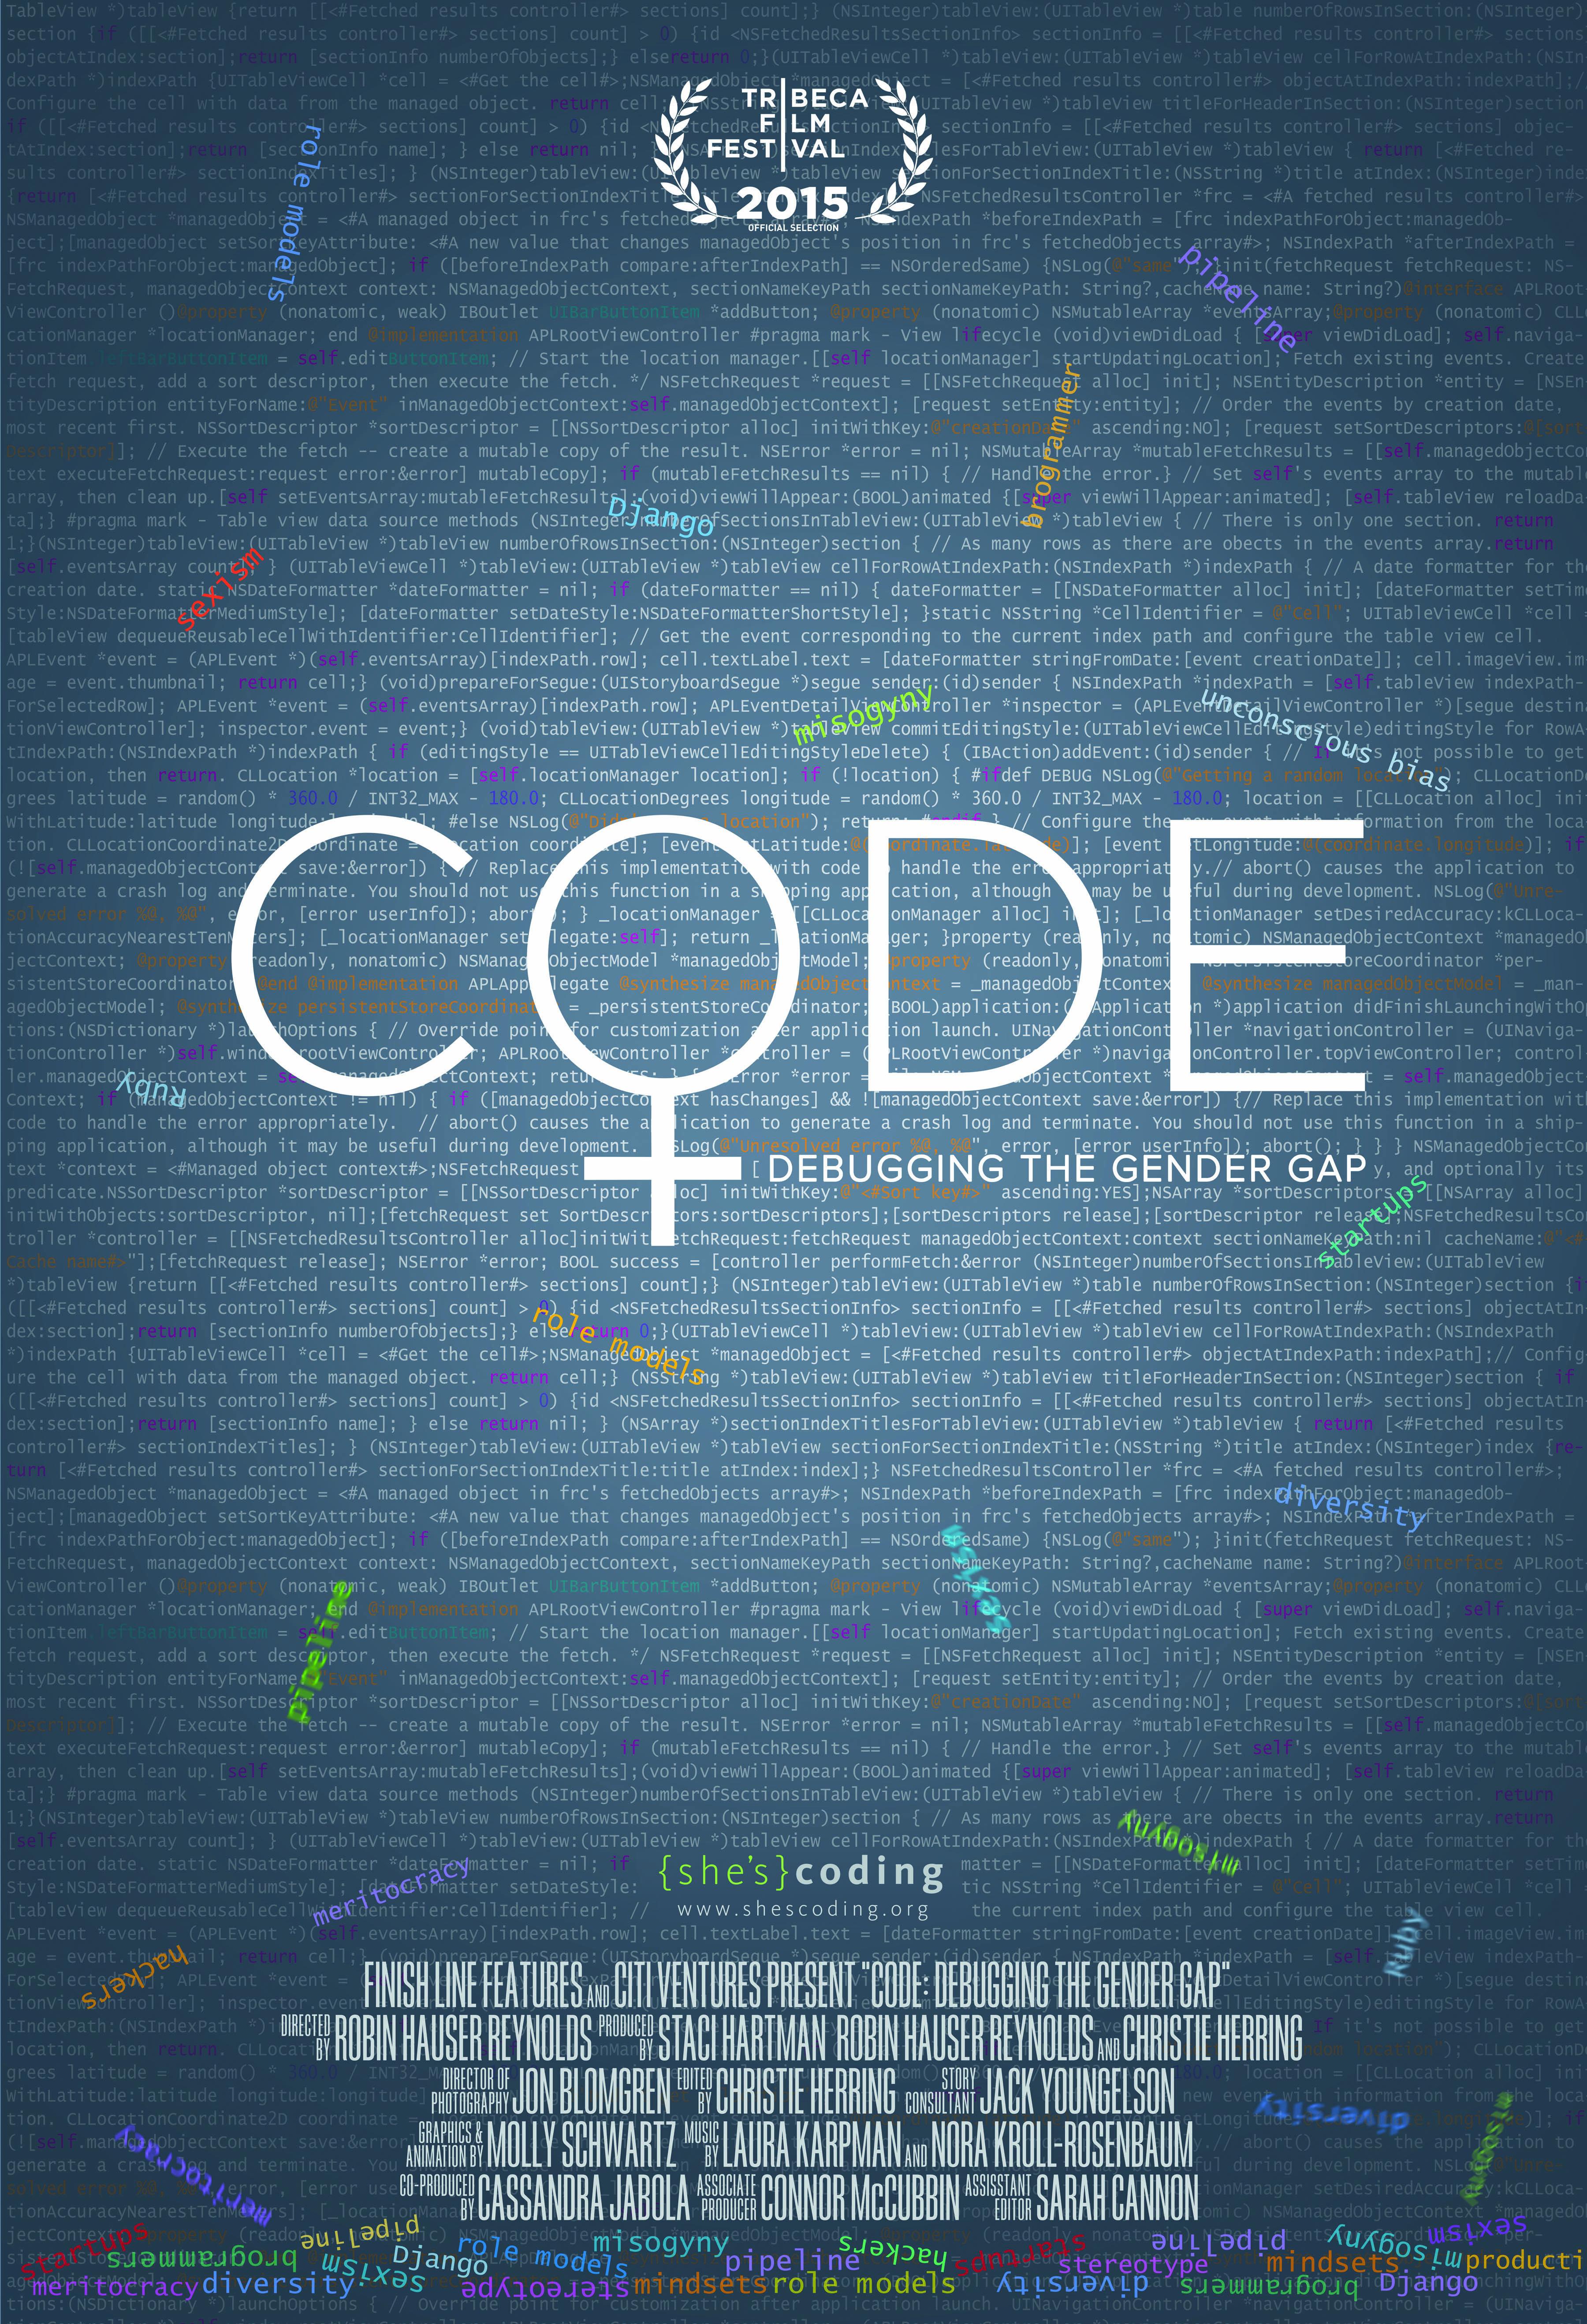 image CODE: Debugging the Gender Gap Watch Full Movie Free Online